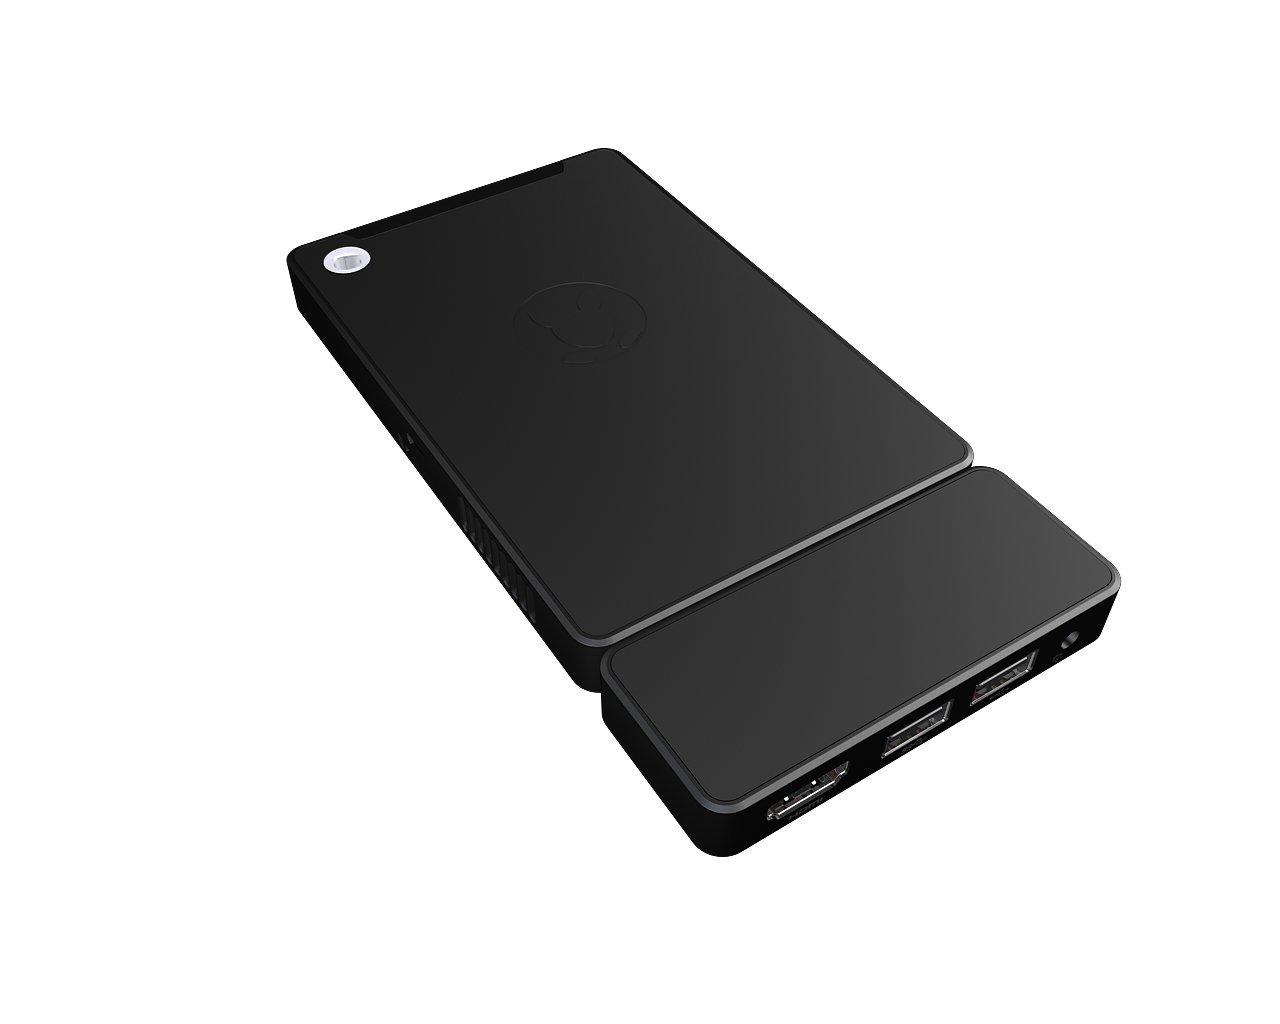 Kangaroo MD2B Mobile Desktop Computer (Intel Atom, 2 GB RAM, 32 GB eMMC)